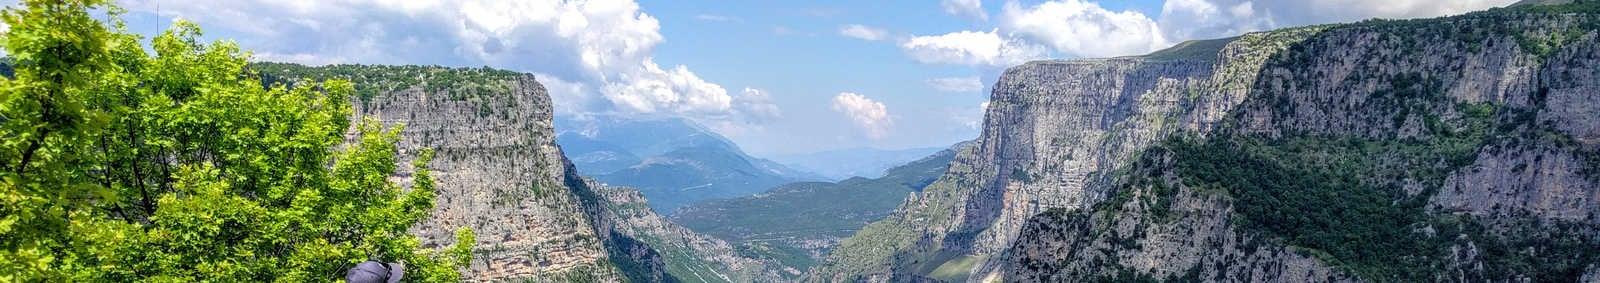 Mountaineous Greece